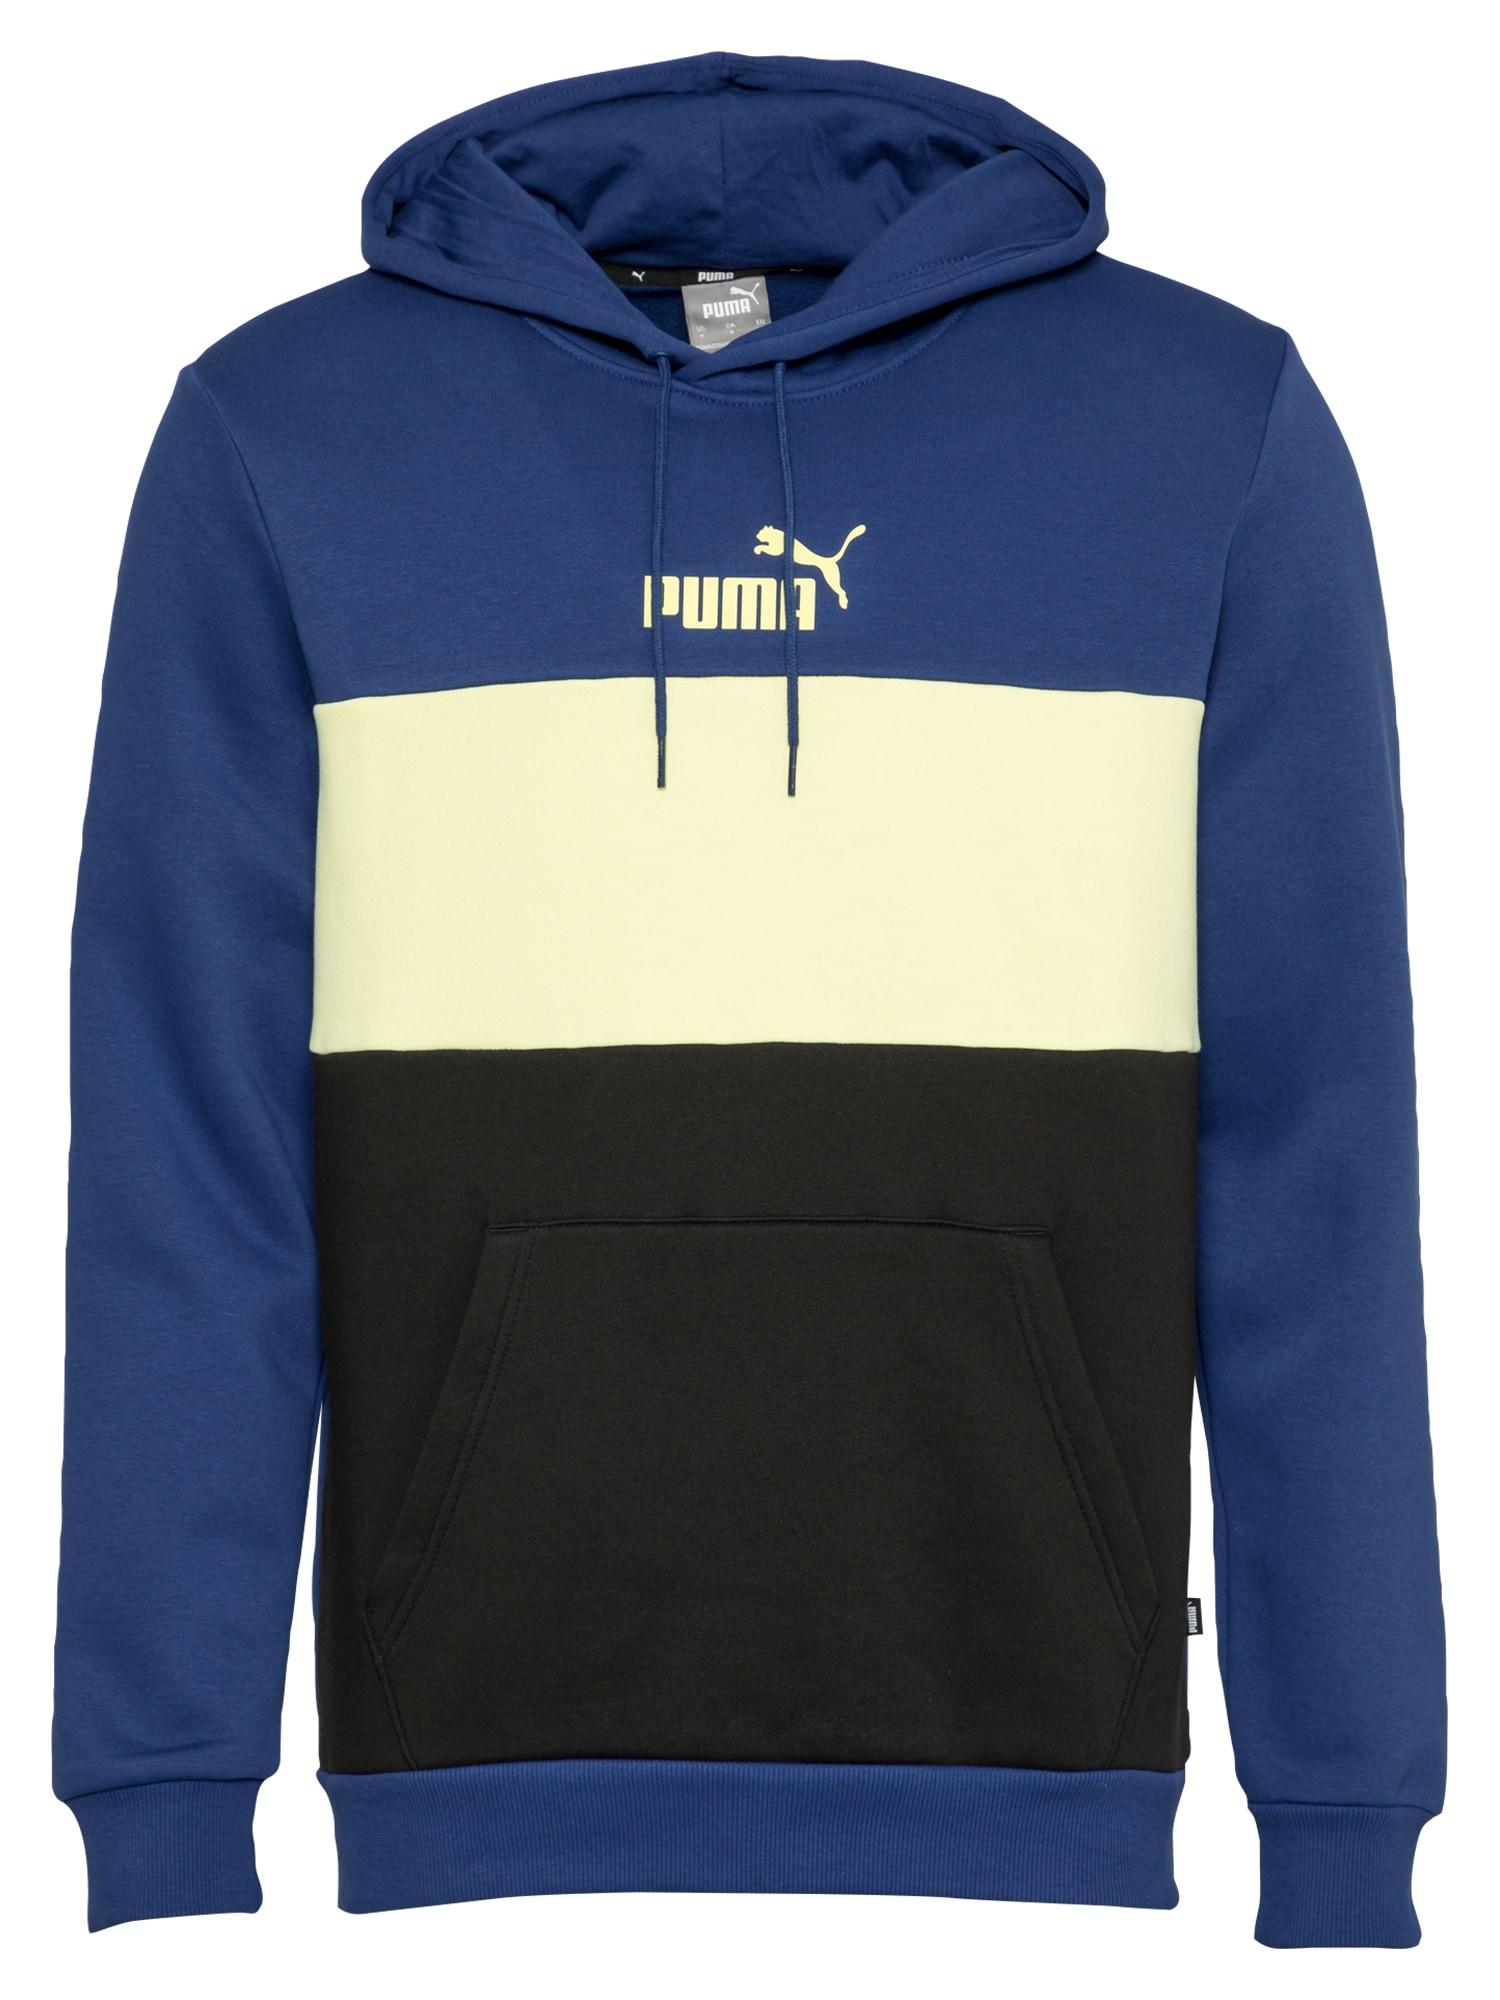 PUMA Sportinio tipo megztinis balkšva / juoda / dangaus žydra